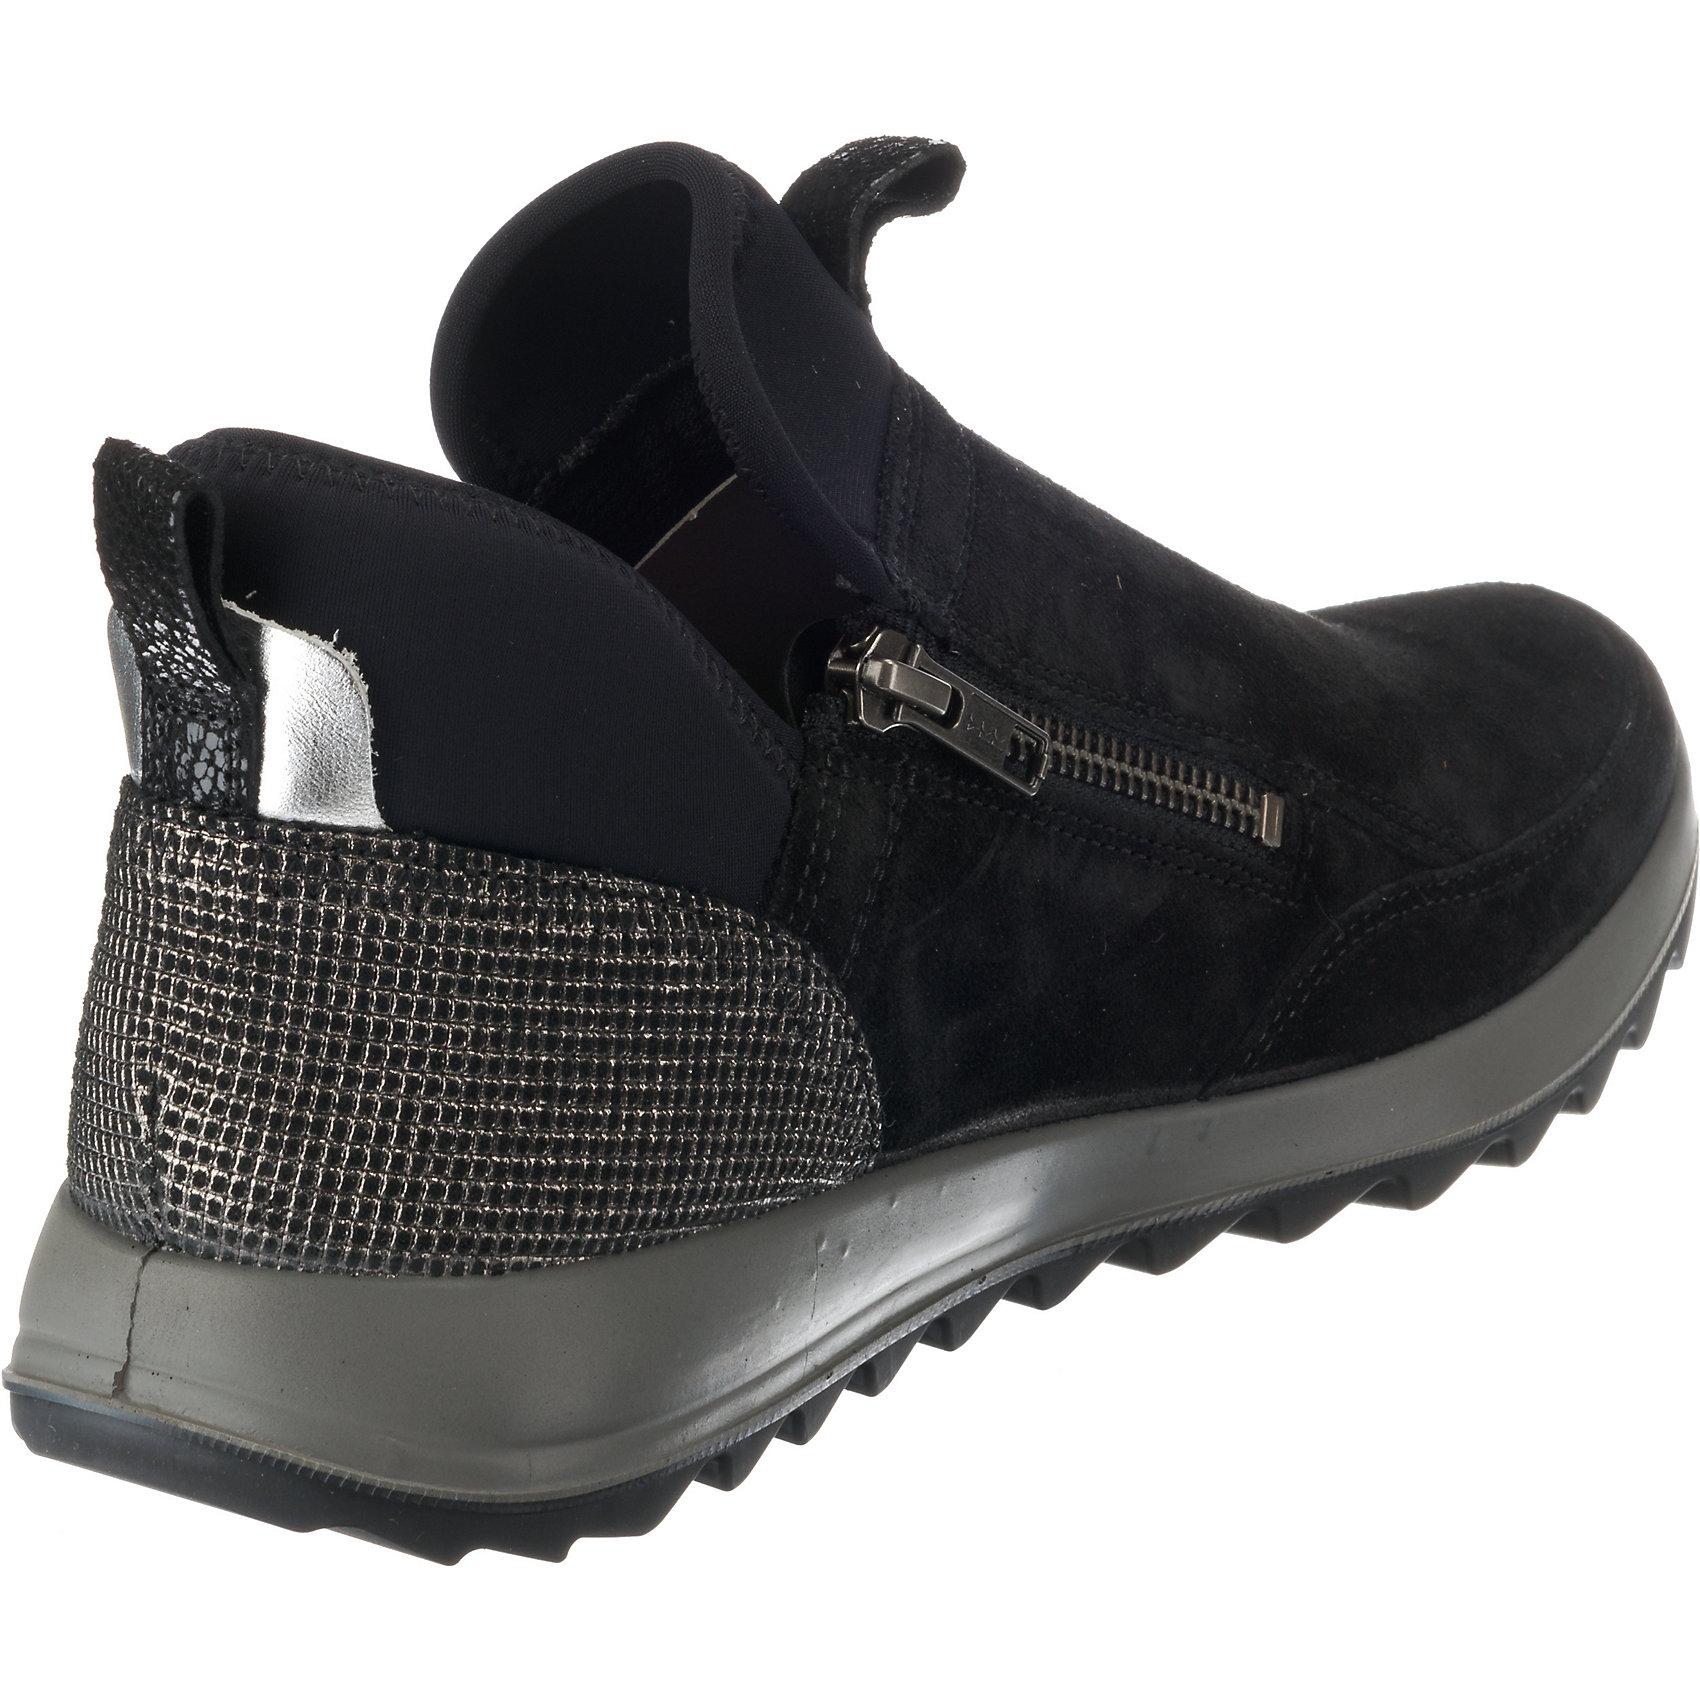 Neu Legero BMBTO Klassische Stiefeletten 8478402 für Damen schwarz